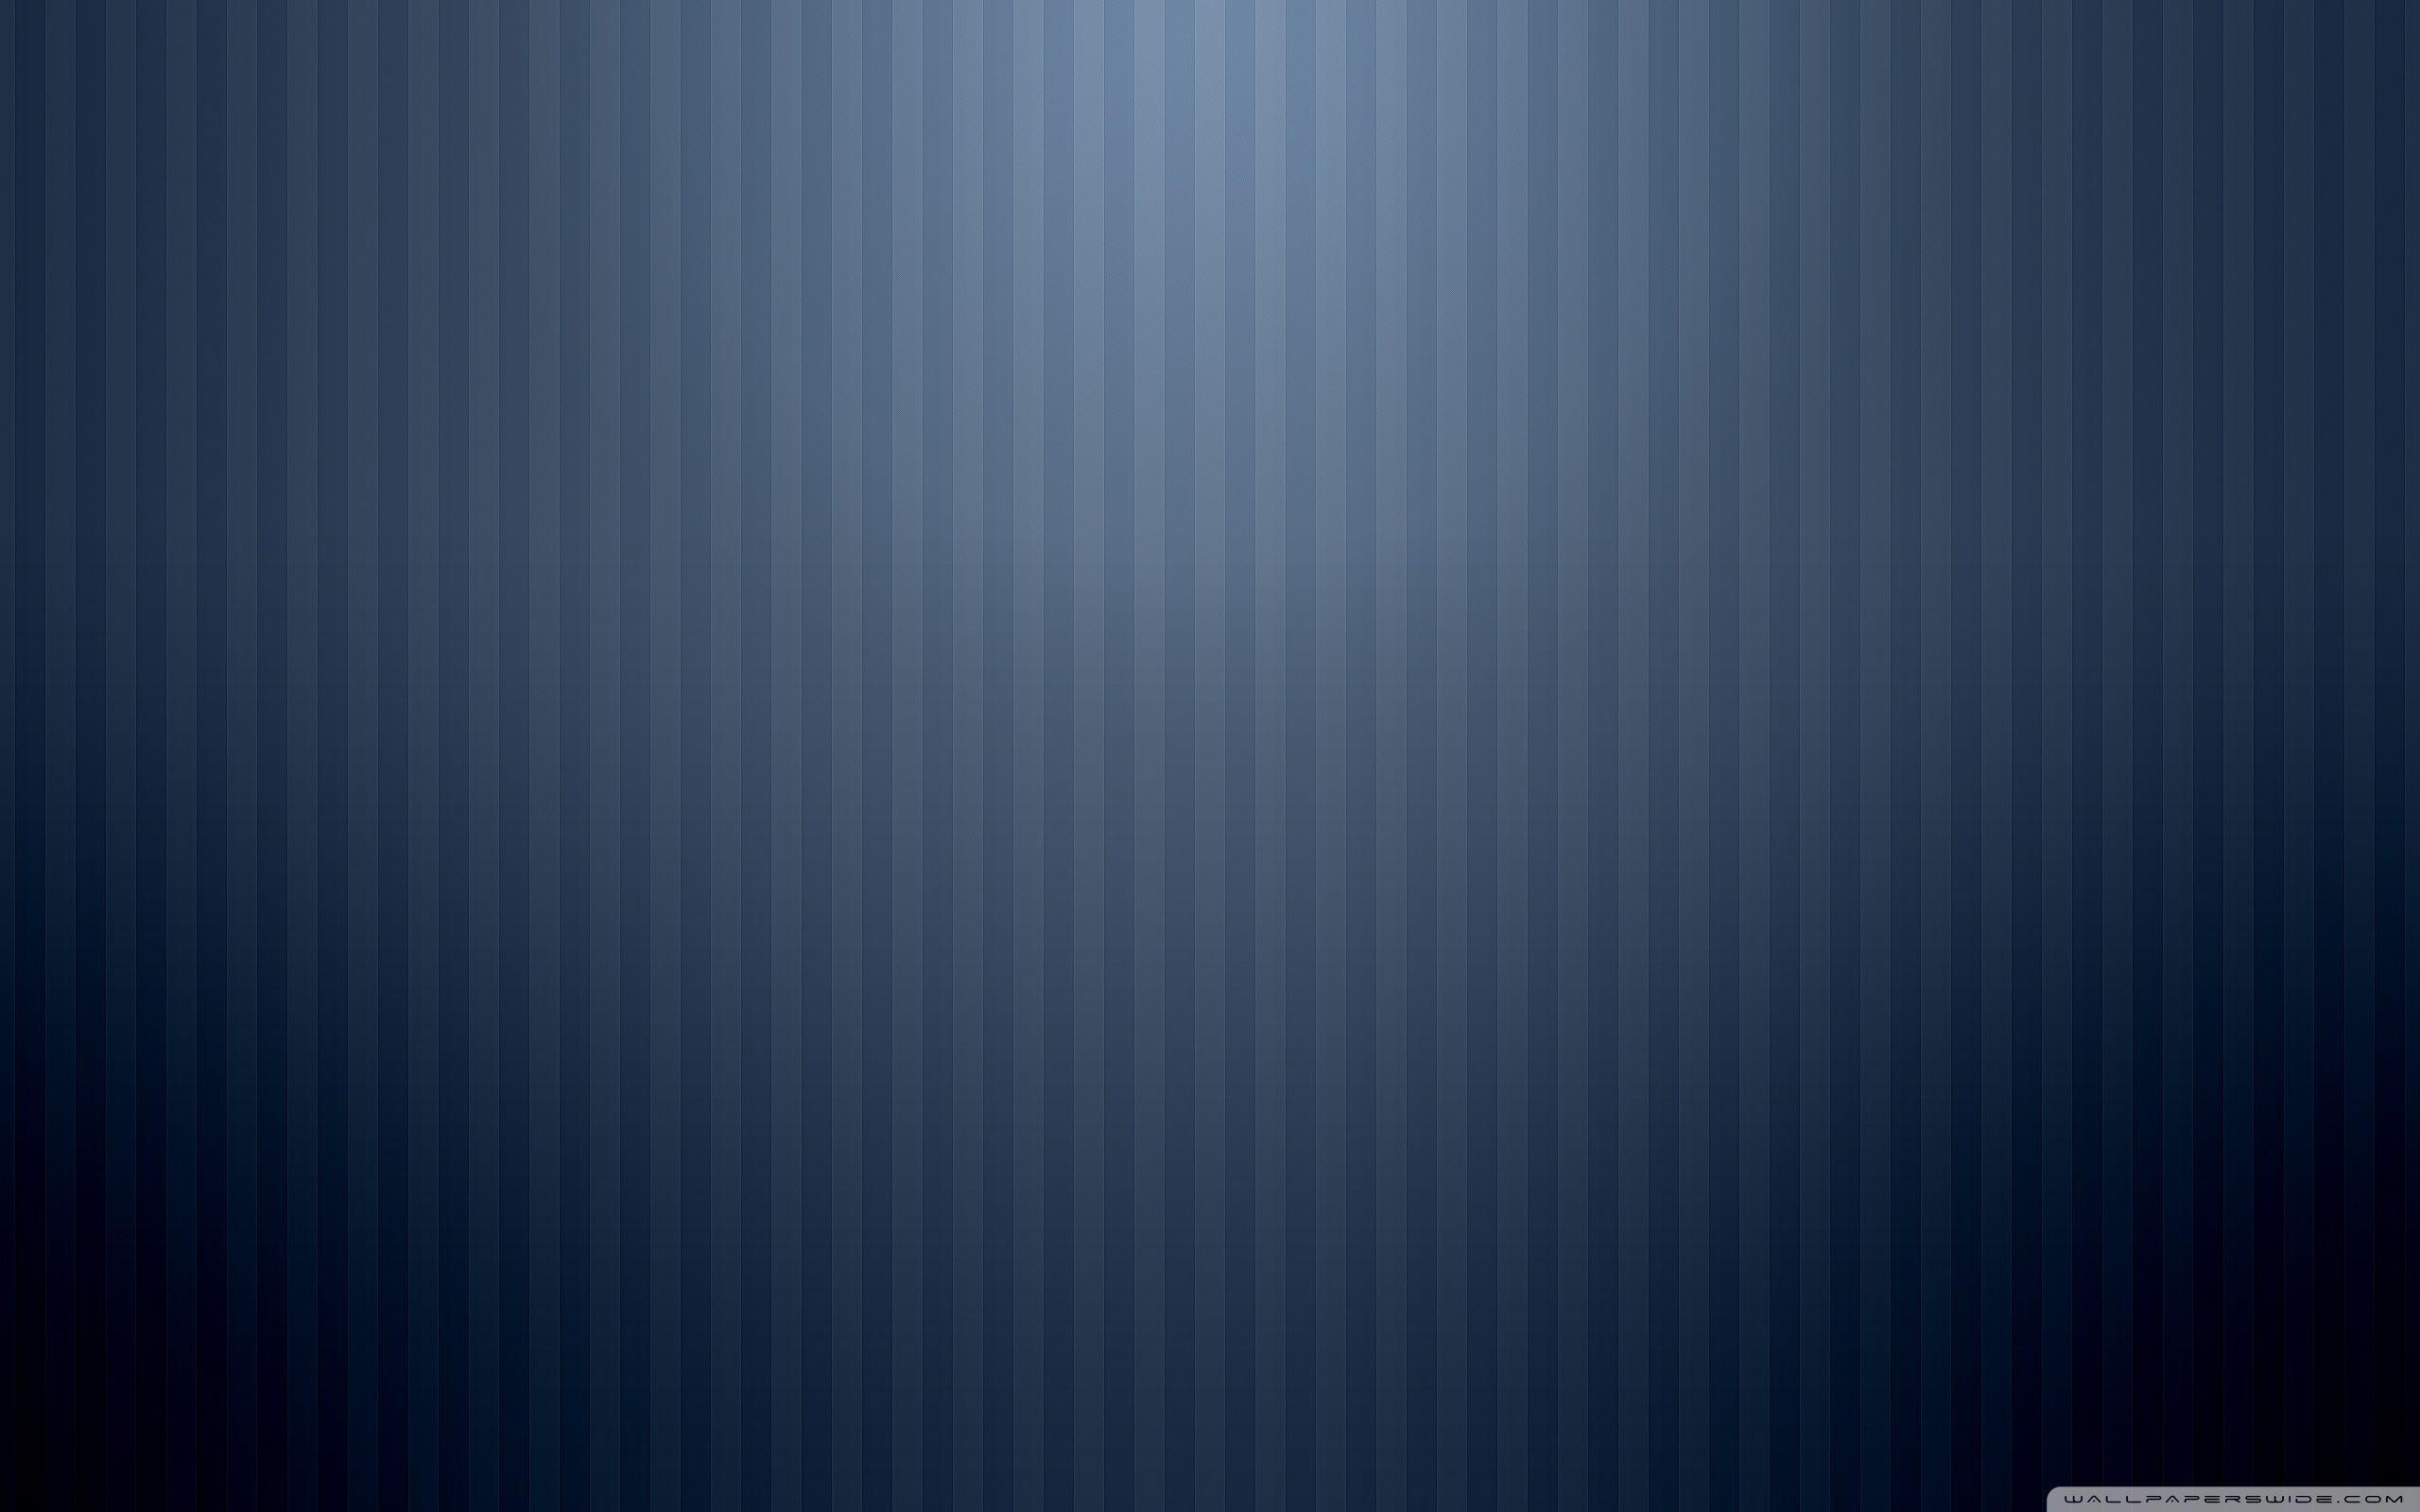 Blue Striped Wallpaper: Blue Stripe Pattern HD Desktop Wallpaper : High Definition